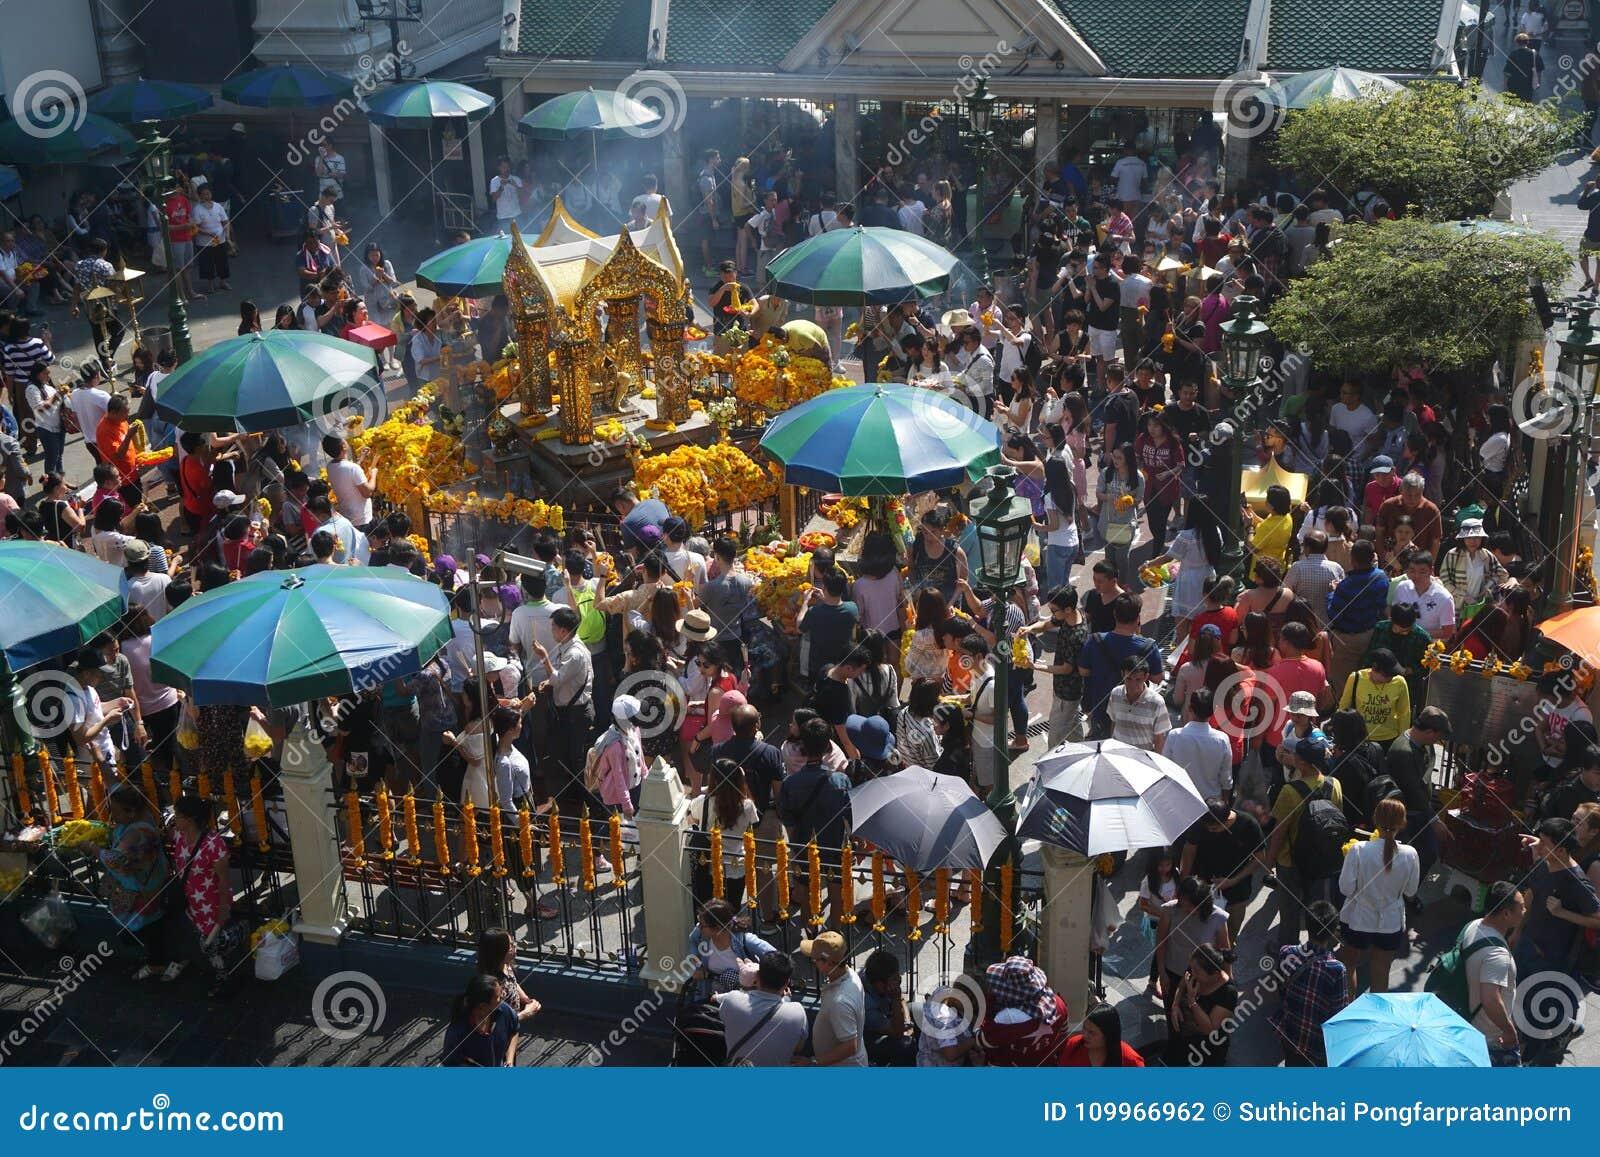 La gente apretada adora a Brahma en el distrito de Ratchaprasong, Bangkok, Tailandia el 1 de enero de 2018